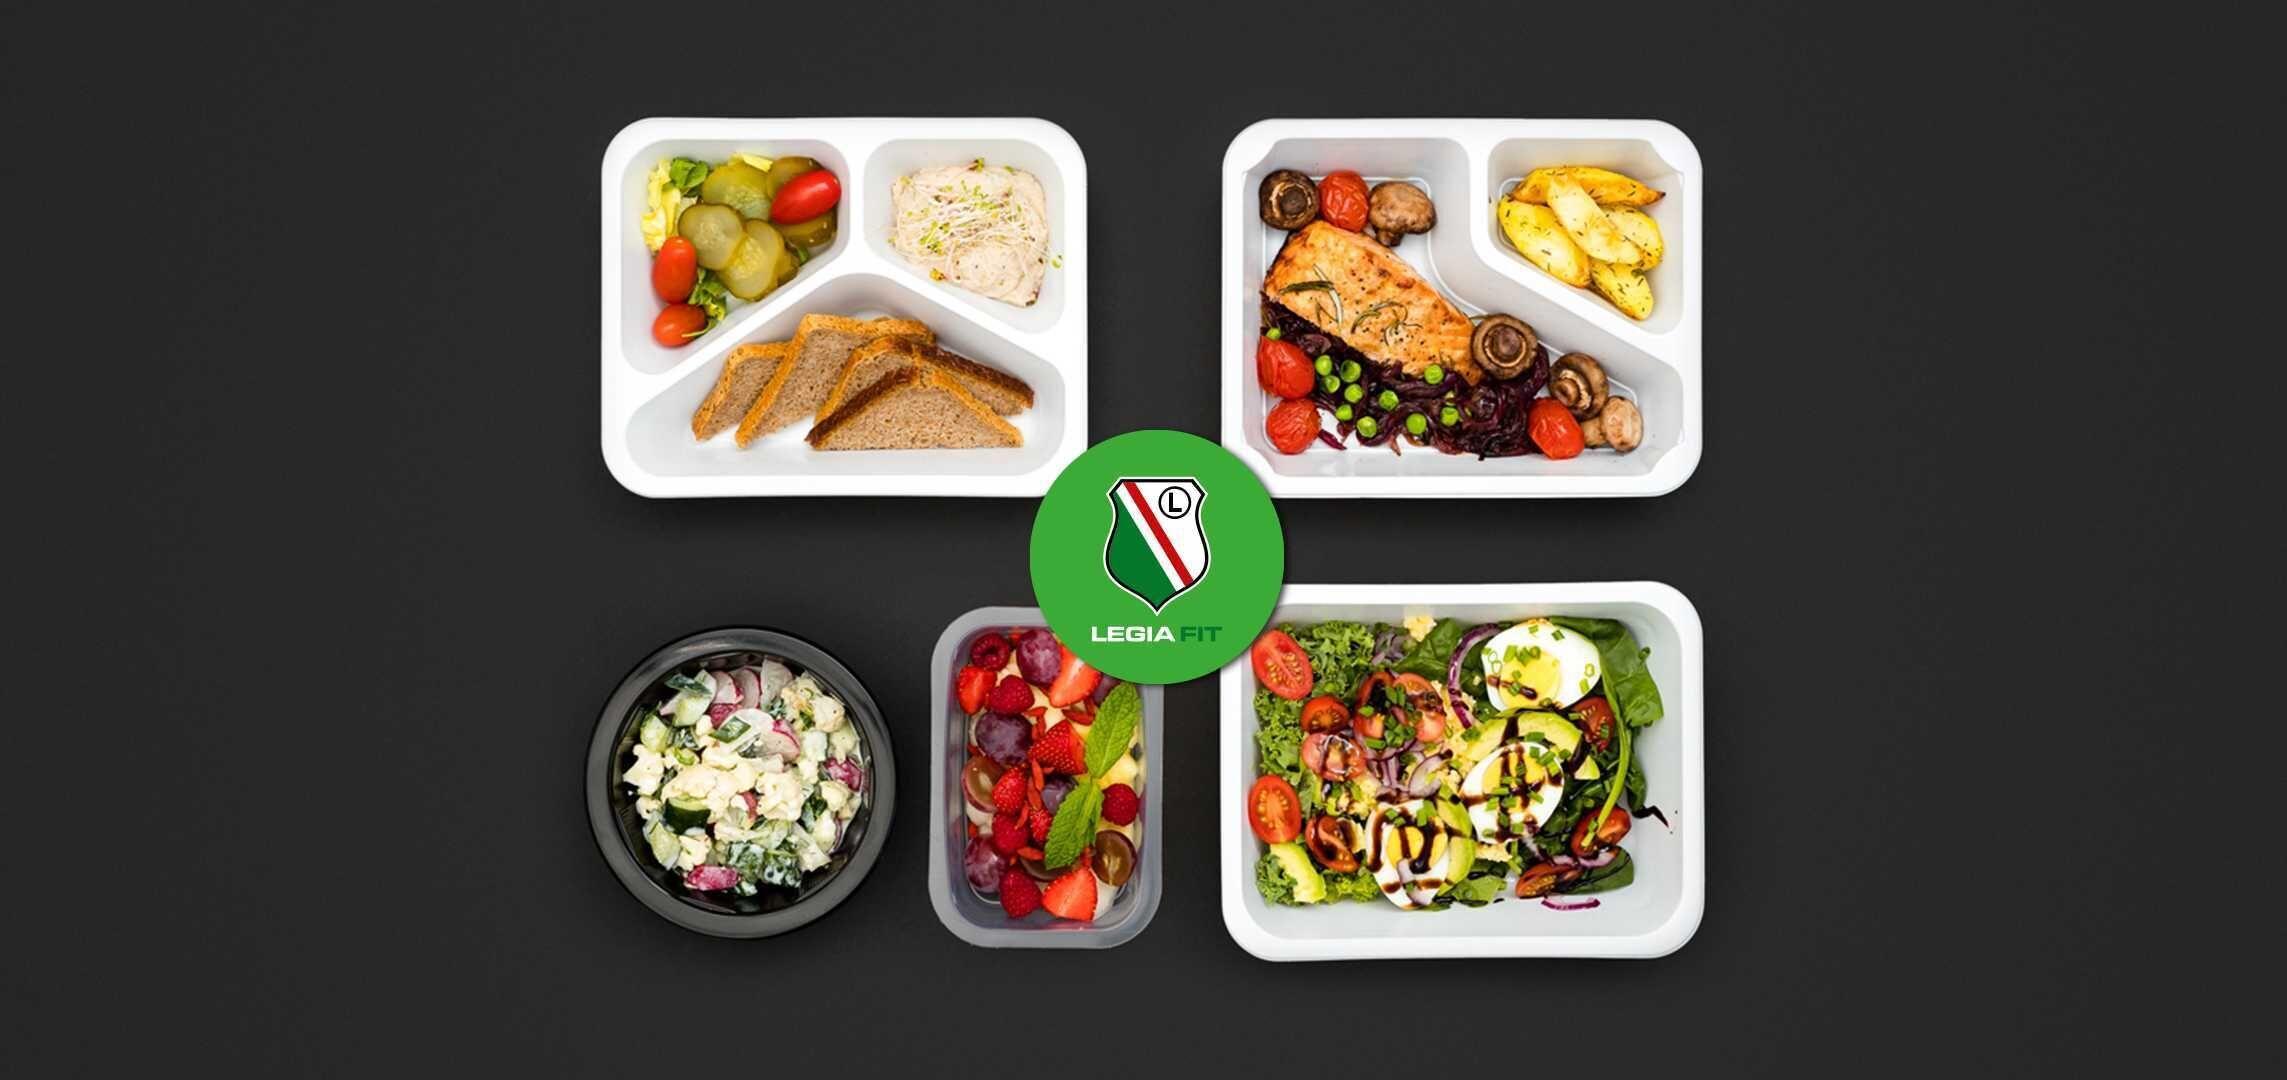 Legia Fit – dieta pudełkowa